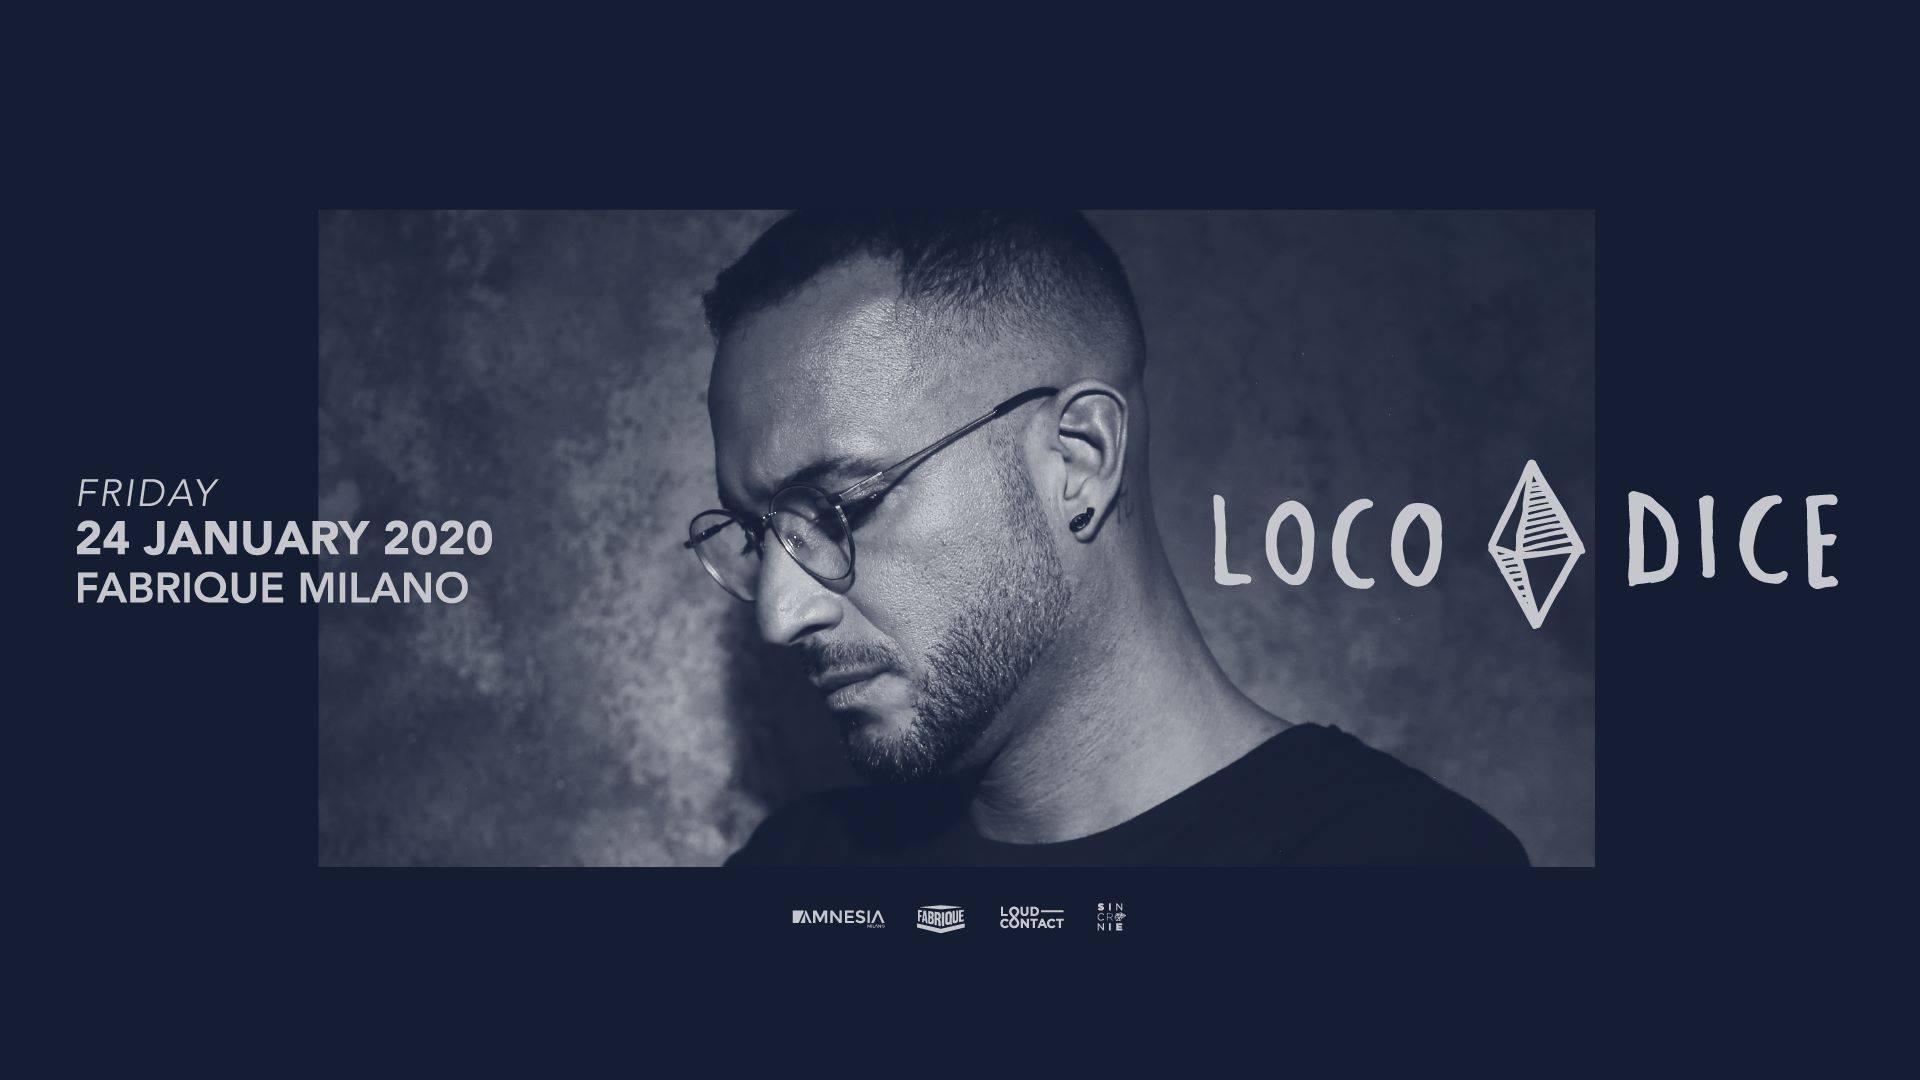 24.01.2020 Fabrique Milano pres. Loco Dice – Ticket Biglietti 18App Tavoli e Pacchetti Hotel